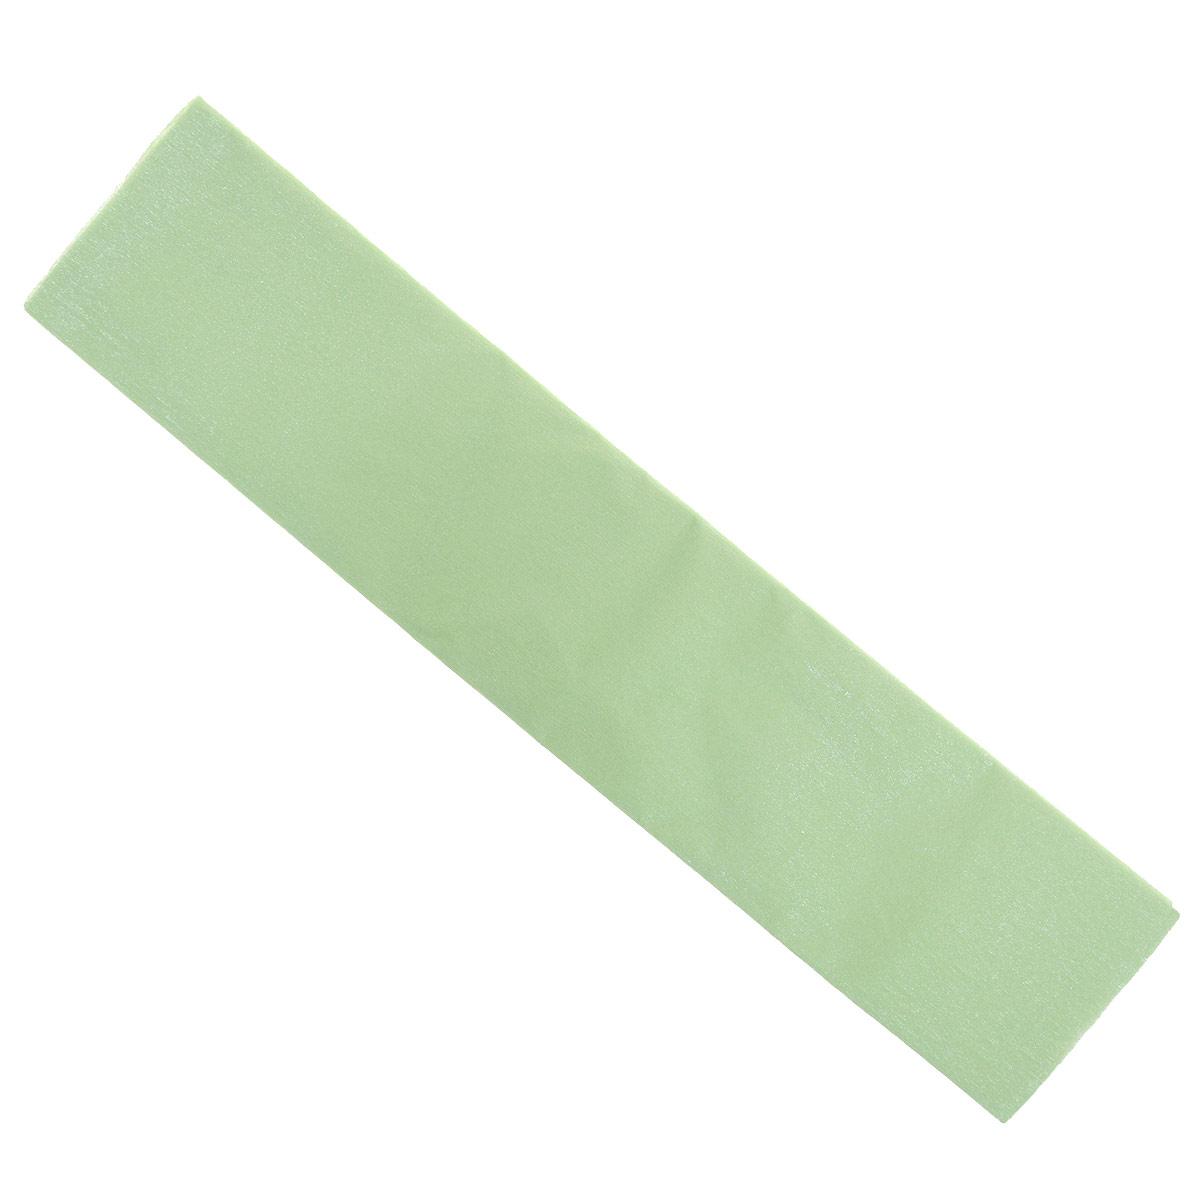 Фото - Крепированная бумага Hatber, перламутровая, цвет: светло-зеленый, 5 см х 25 см мочалка банные штучки королевский пилинг рукавица 41291 светло бежевый 14 5 х 25 см